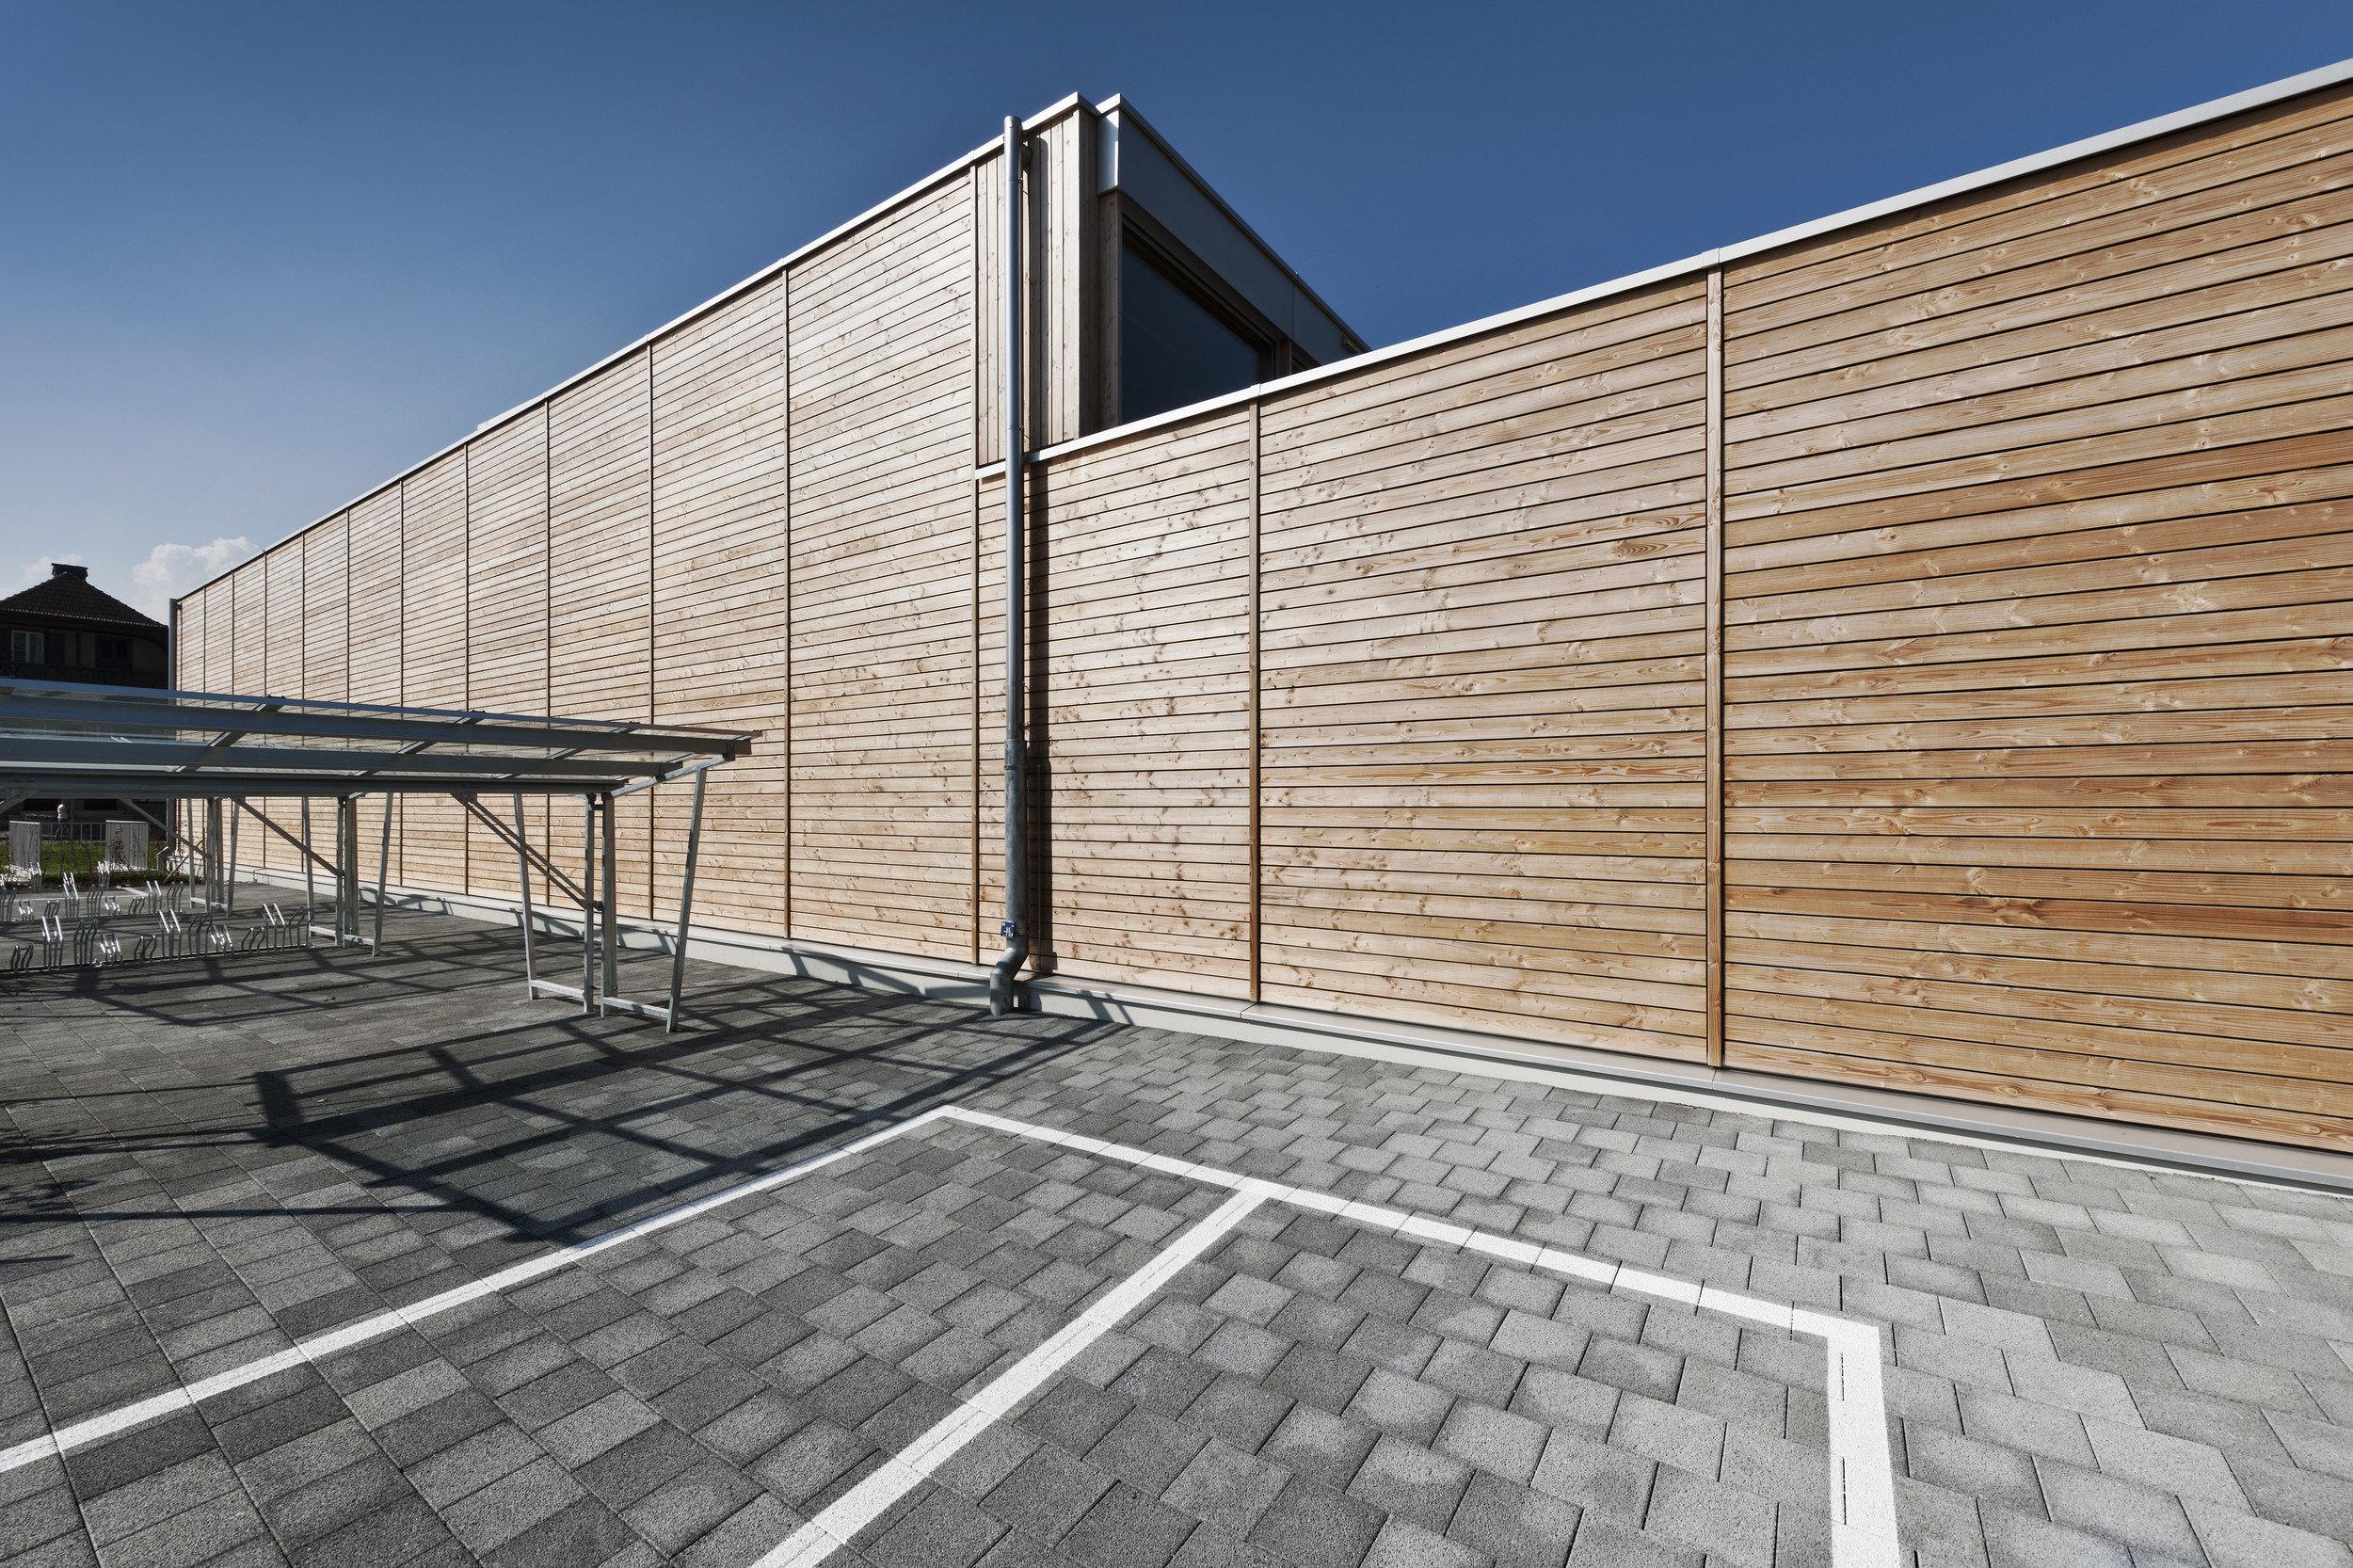 Turnhalle mit Holzfassade ohne Fenster